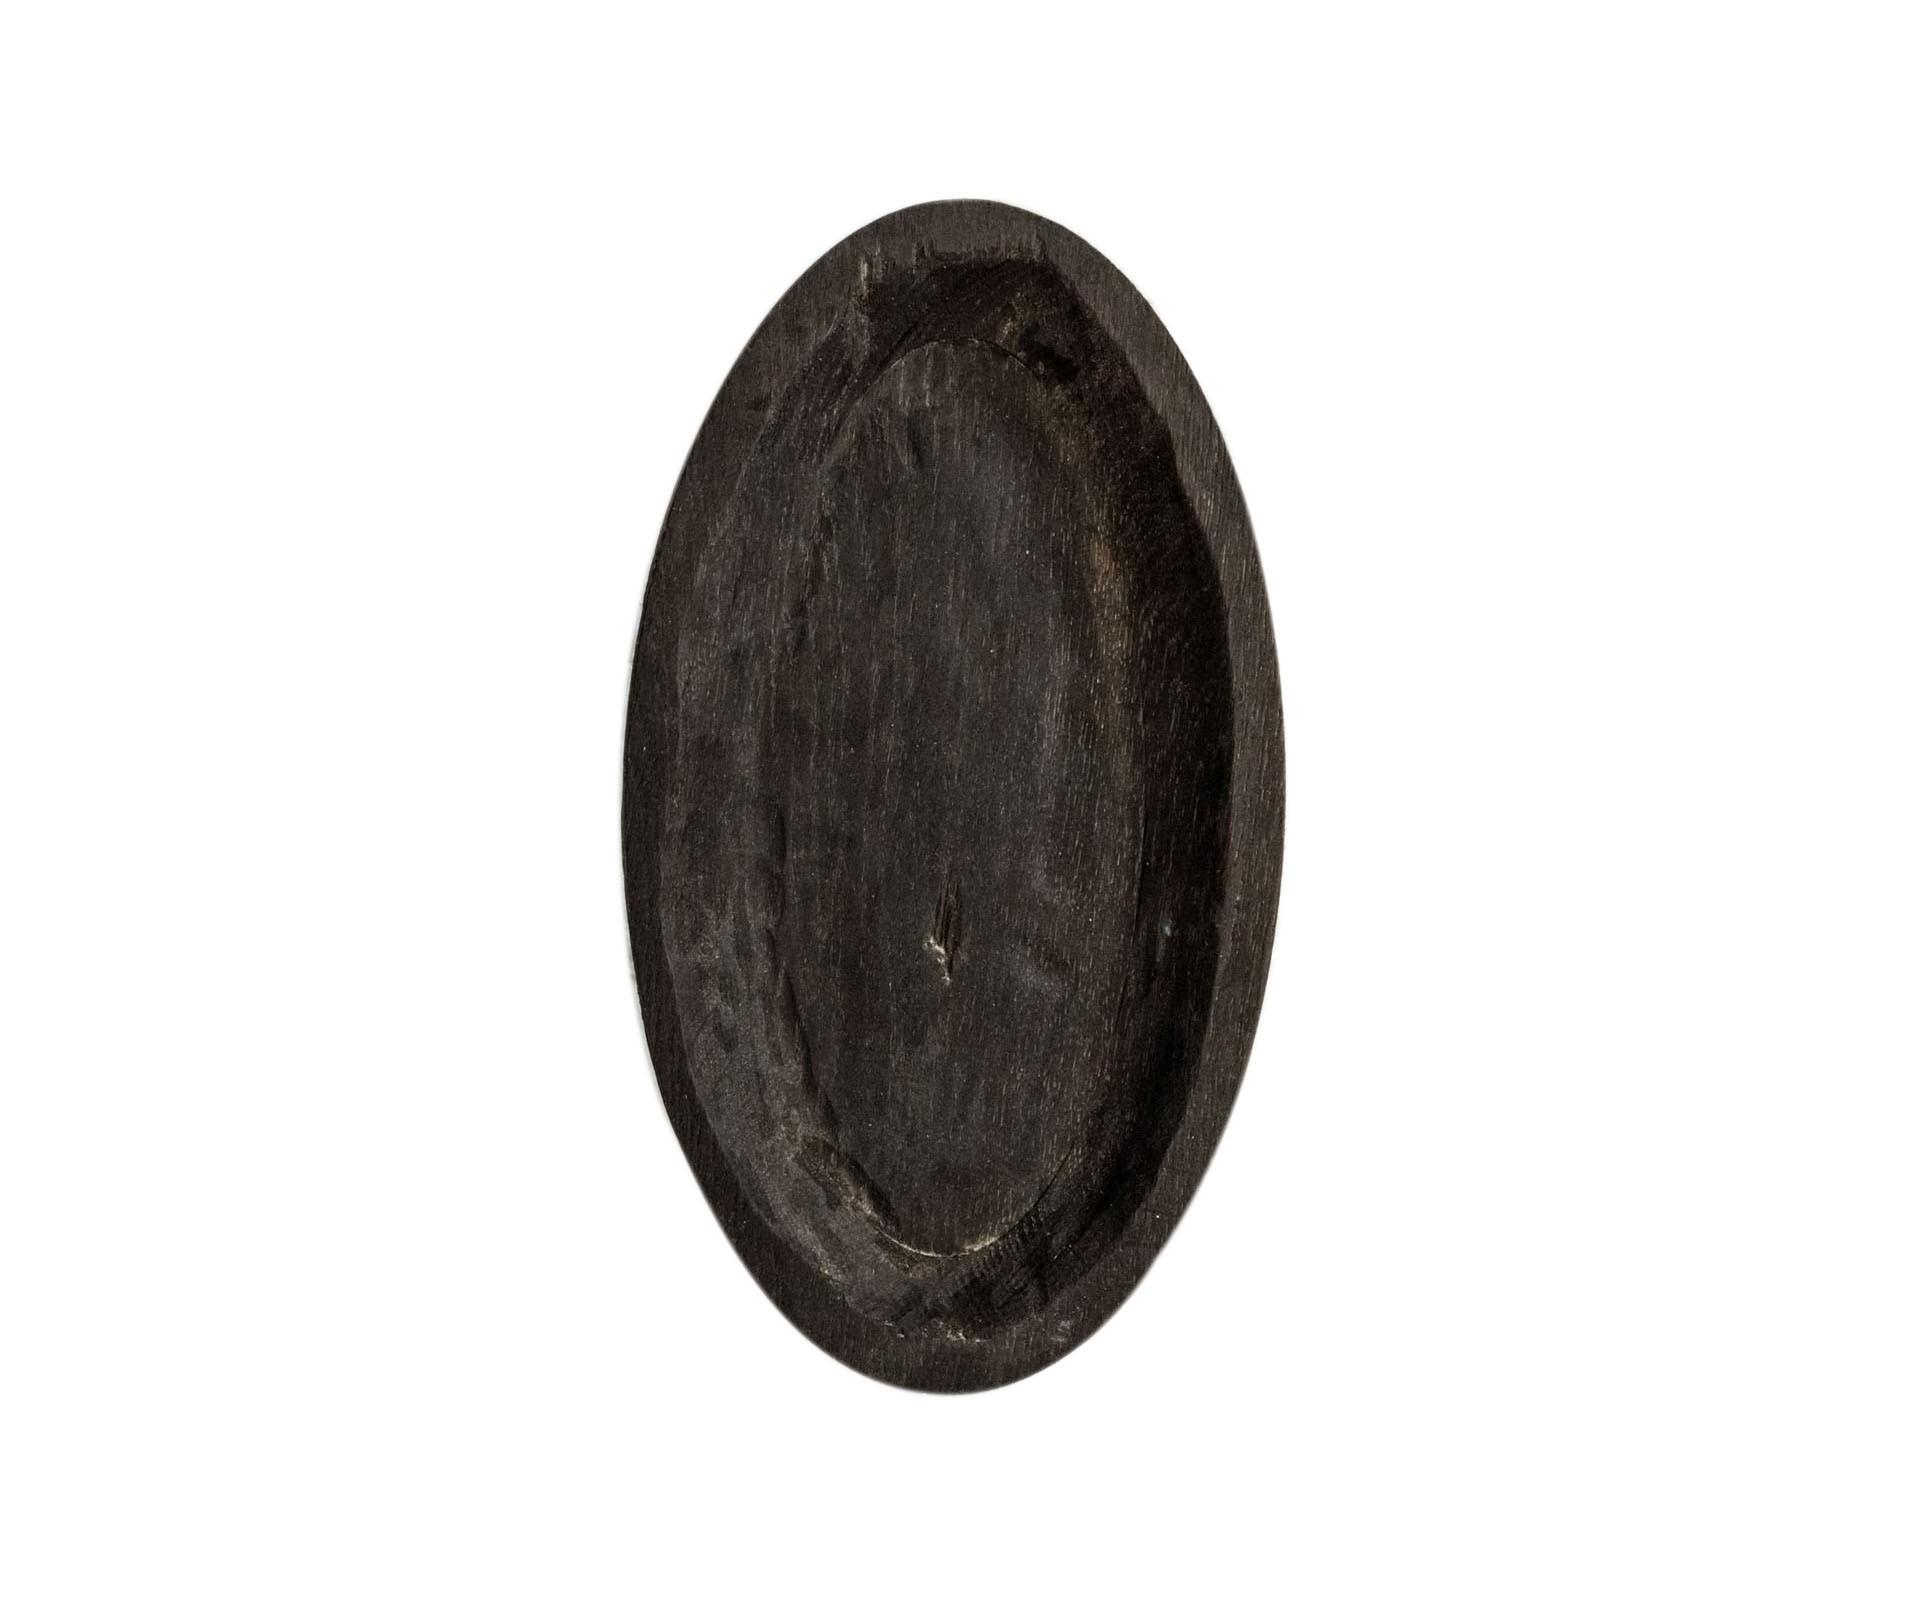 Тарелка ЯйцоДекоративные блюда<br>&amp;quot;Кика&amp;quot; - коллекция дубовых тарелок и плато для подачи, дополняющих друг друга. Сделана вручную. Покрытие: льняное масло. Ее внутренняя поверхность идеально зашлифована. При необходимости можно обновлять покрытие, протерев поверхность тряпочкой, смоченной льняным маслом. После влажной обработки ее нужно протирать полотенцем. Тарелка не предназначена для длительного хранения жидкостей. Из-за специфики ручного труда все предметы отличаются друг от друга.<br><br>Material: Дуб<br>Length см: 27<br>Width см: 15<br>Depth см: 0,5<br>Height см: 3